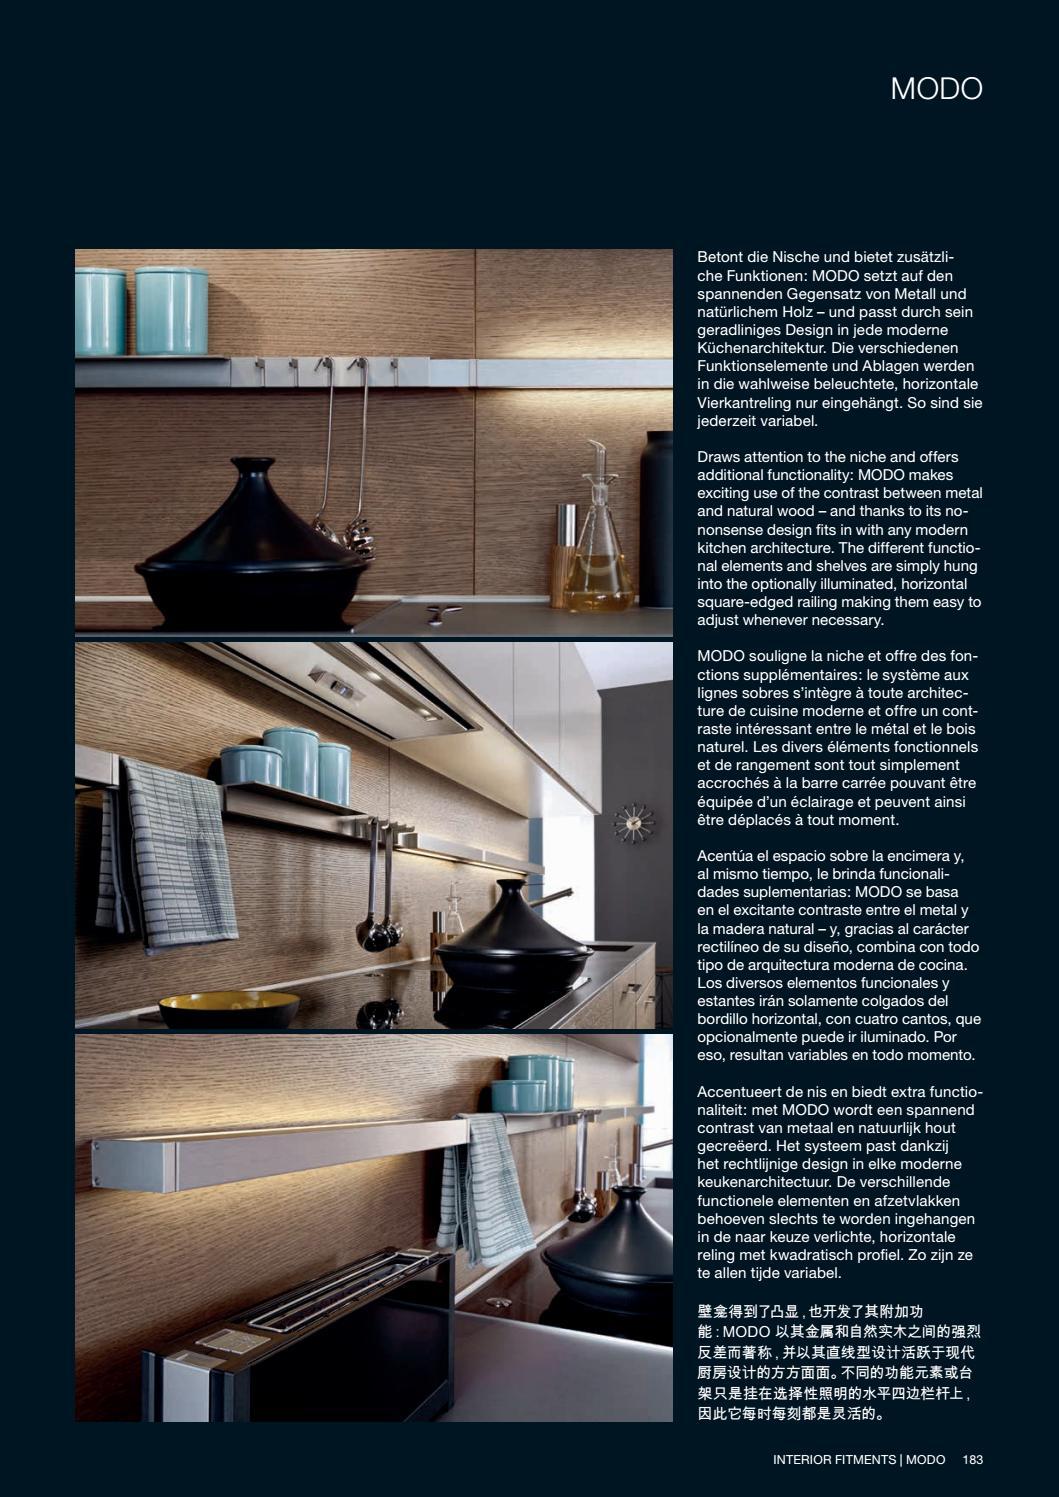 Cuisine Moderne Design divine design center - leicht - modern kitchens 17 - catalog